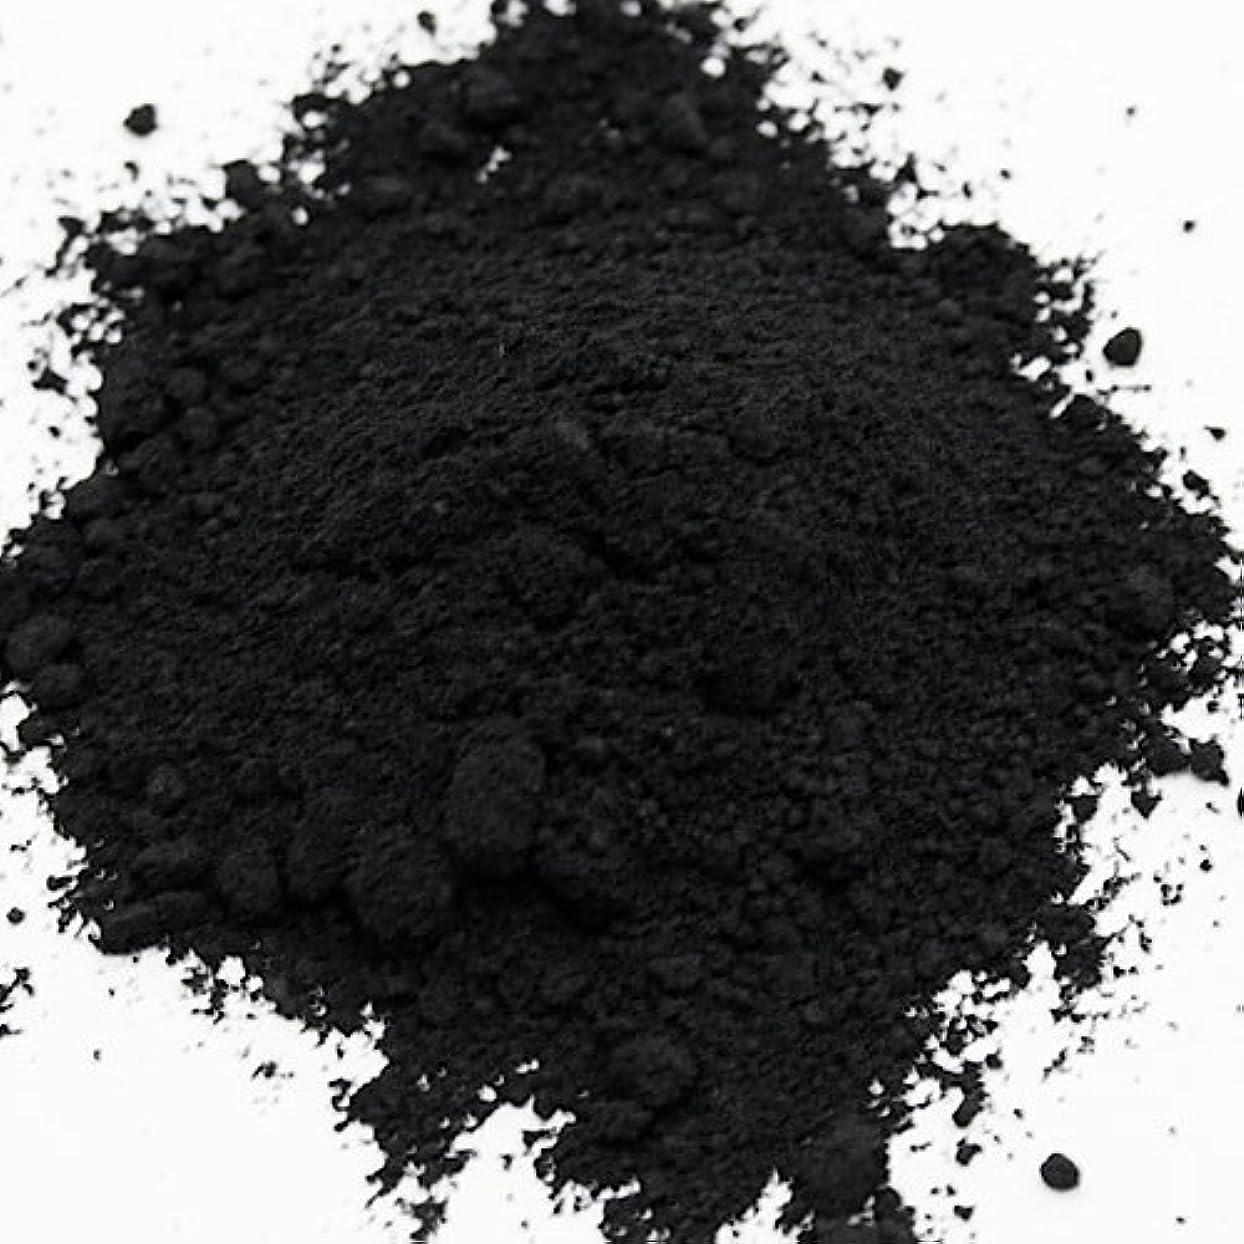 冷酷な補体世紀酸化鉄 ブラック 5g 【手作り石鹸/手作りコスメ/色付け/カラーラント/黒】